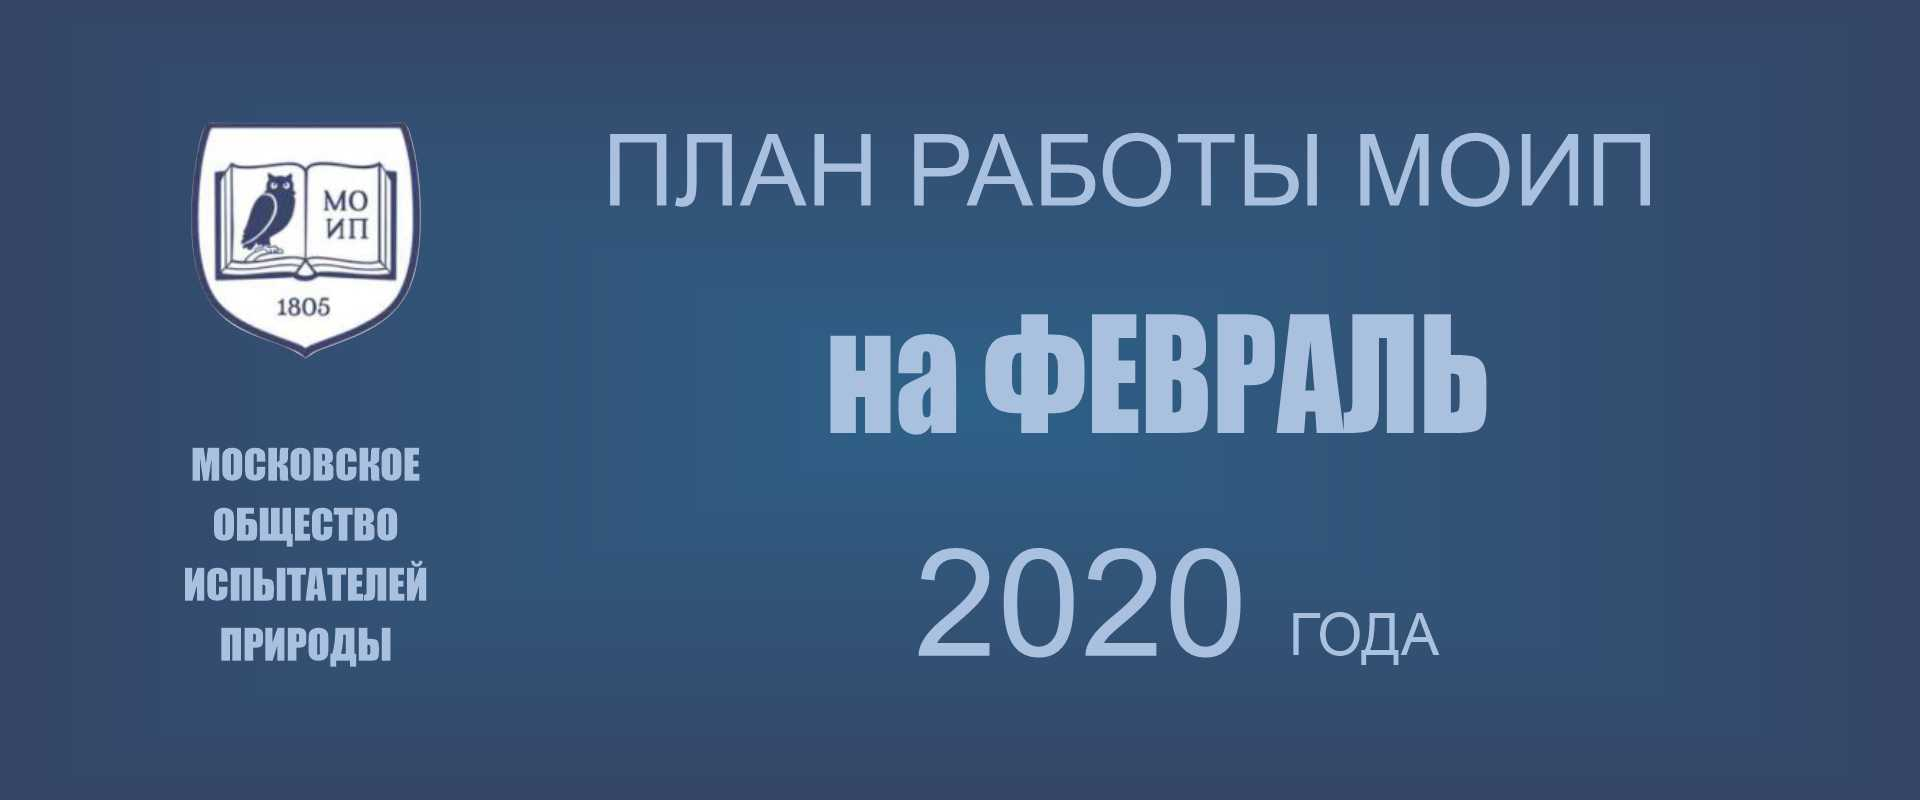 План работы МОИП на февраль 2020 г.